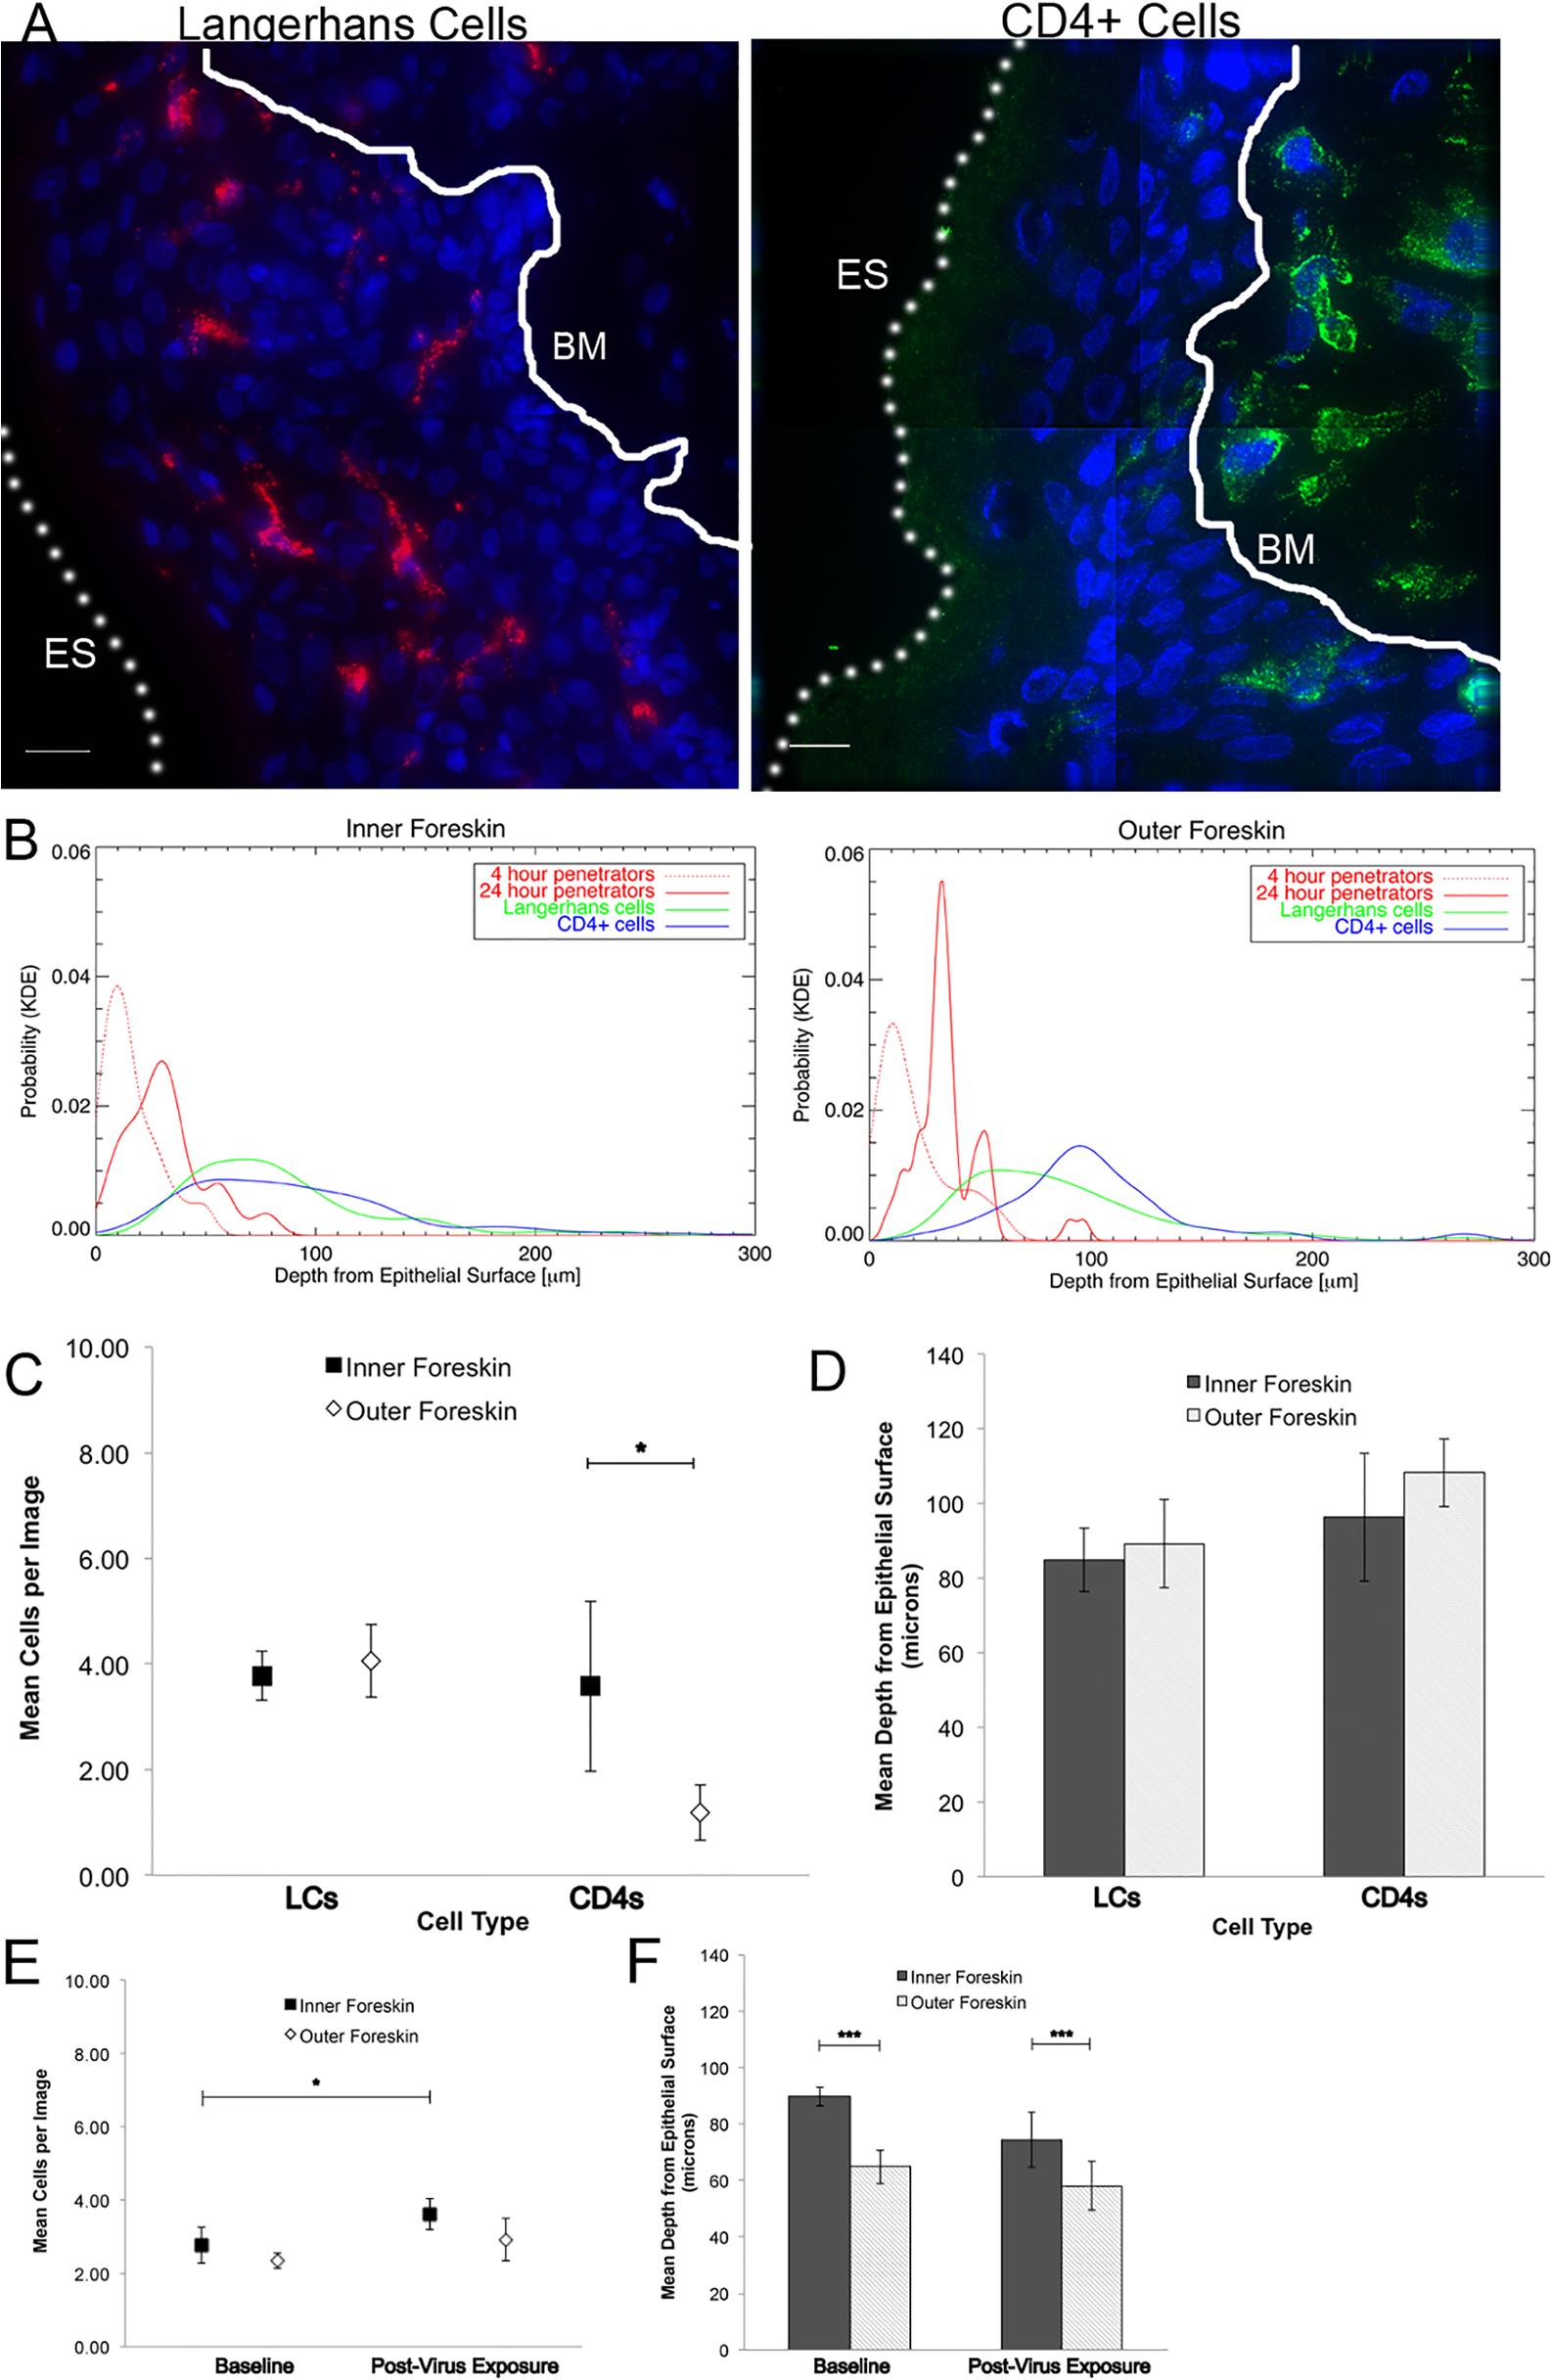 Tissue resident immune cells in foreskin tissues.